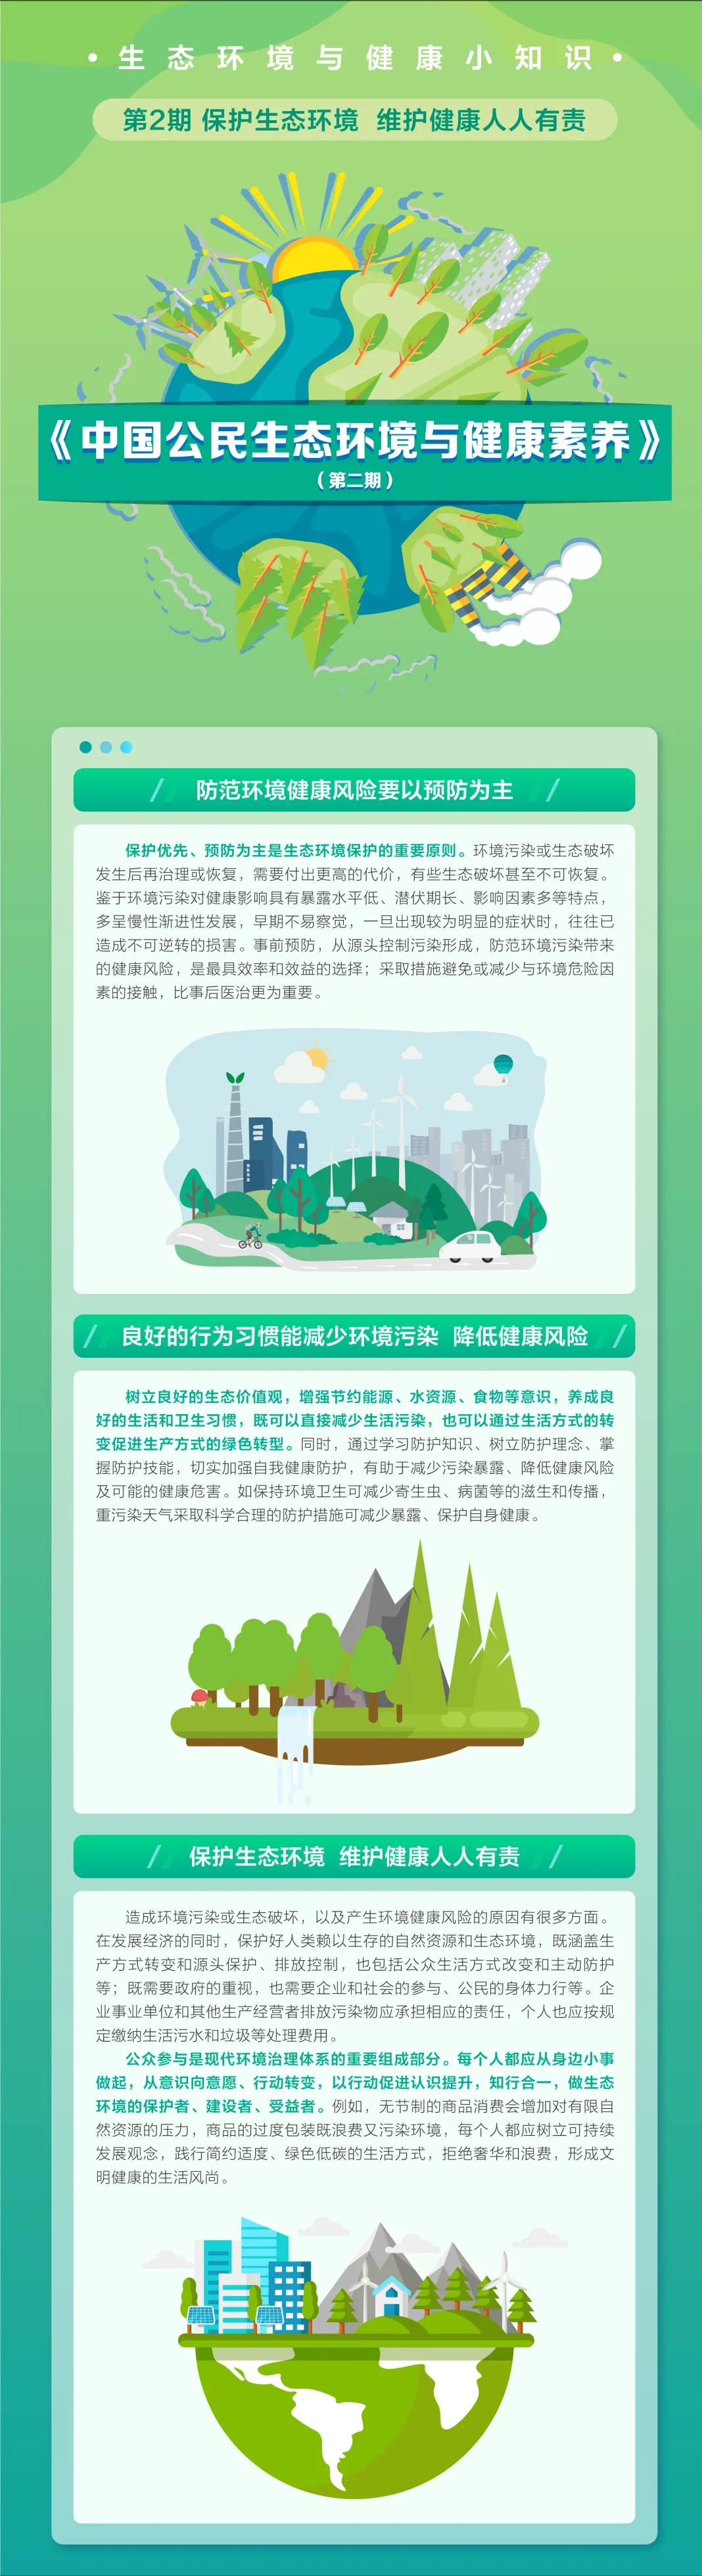 生态环境与健康小知识   第2期 保护生态环境、维护健康人人有责